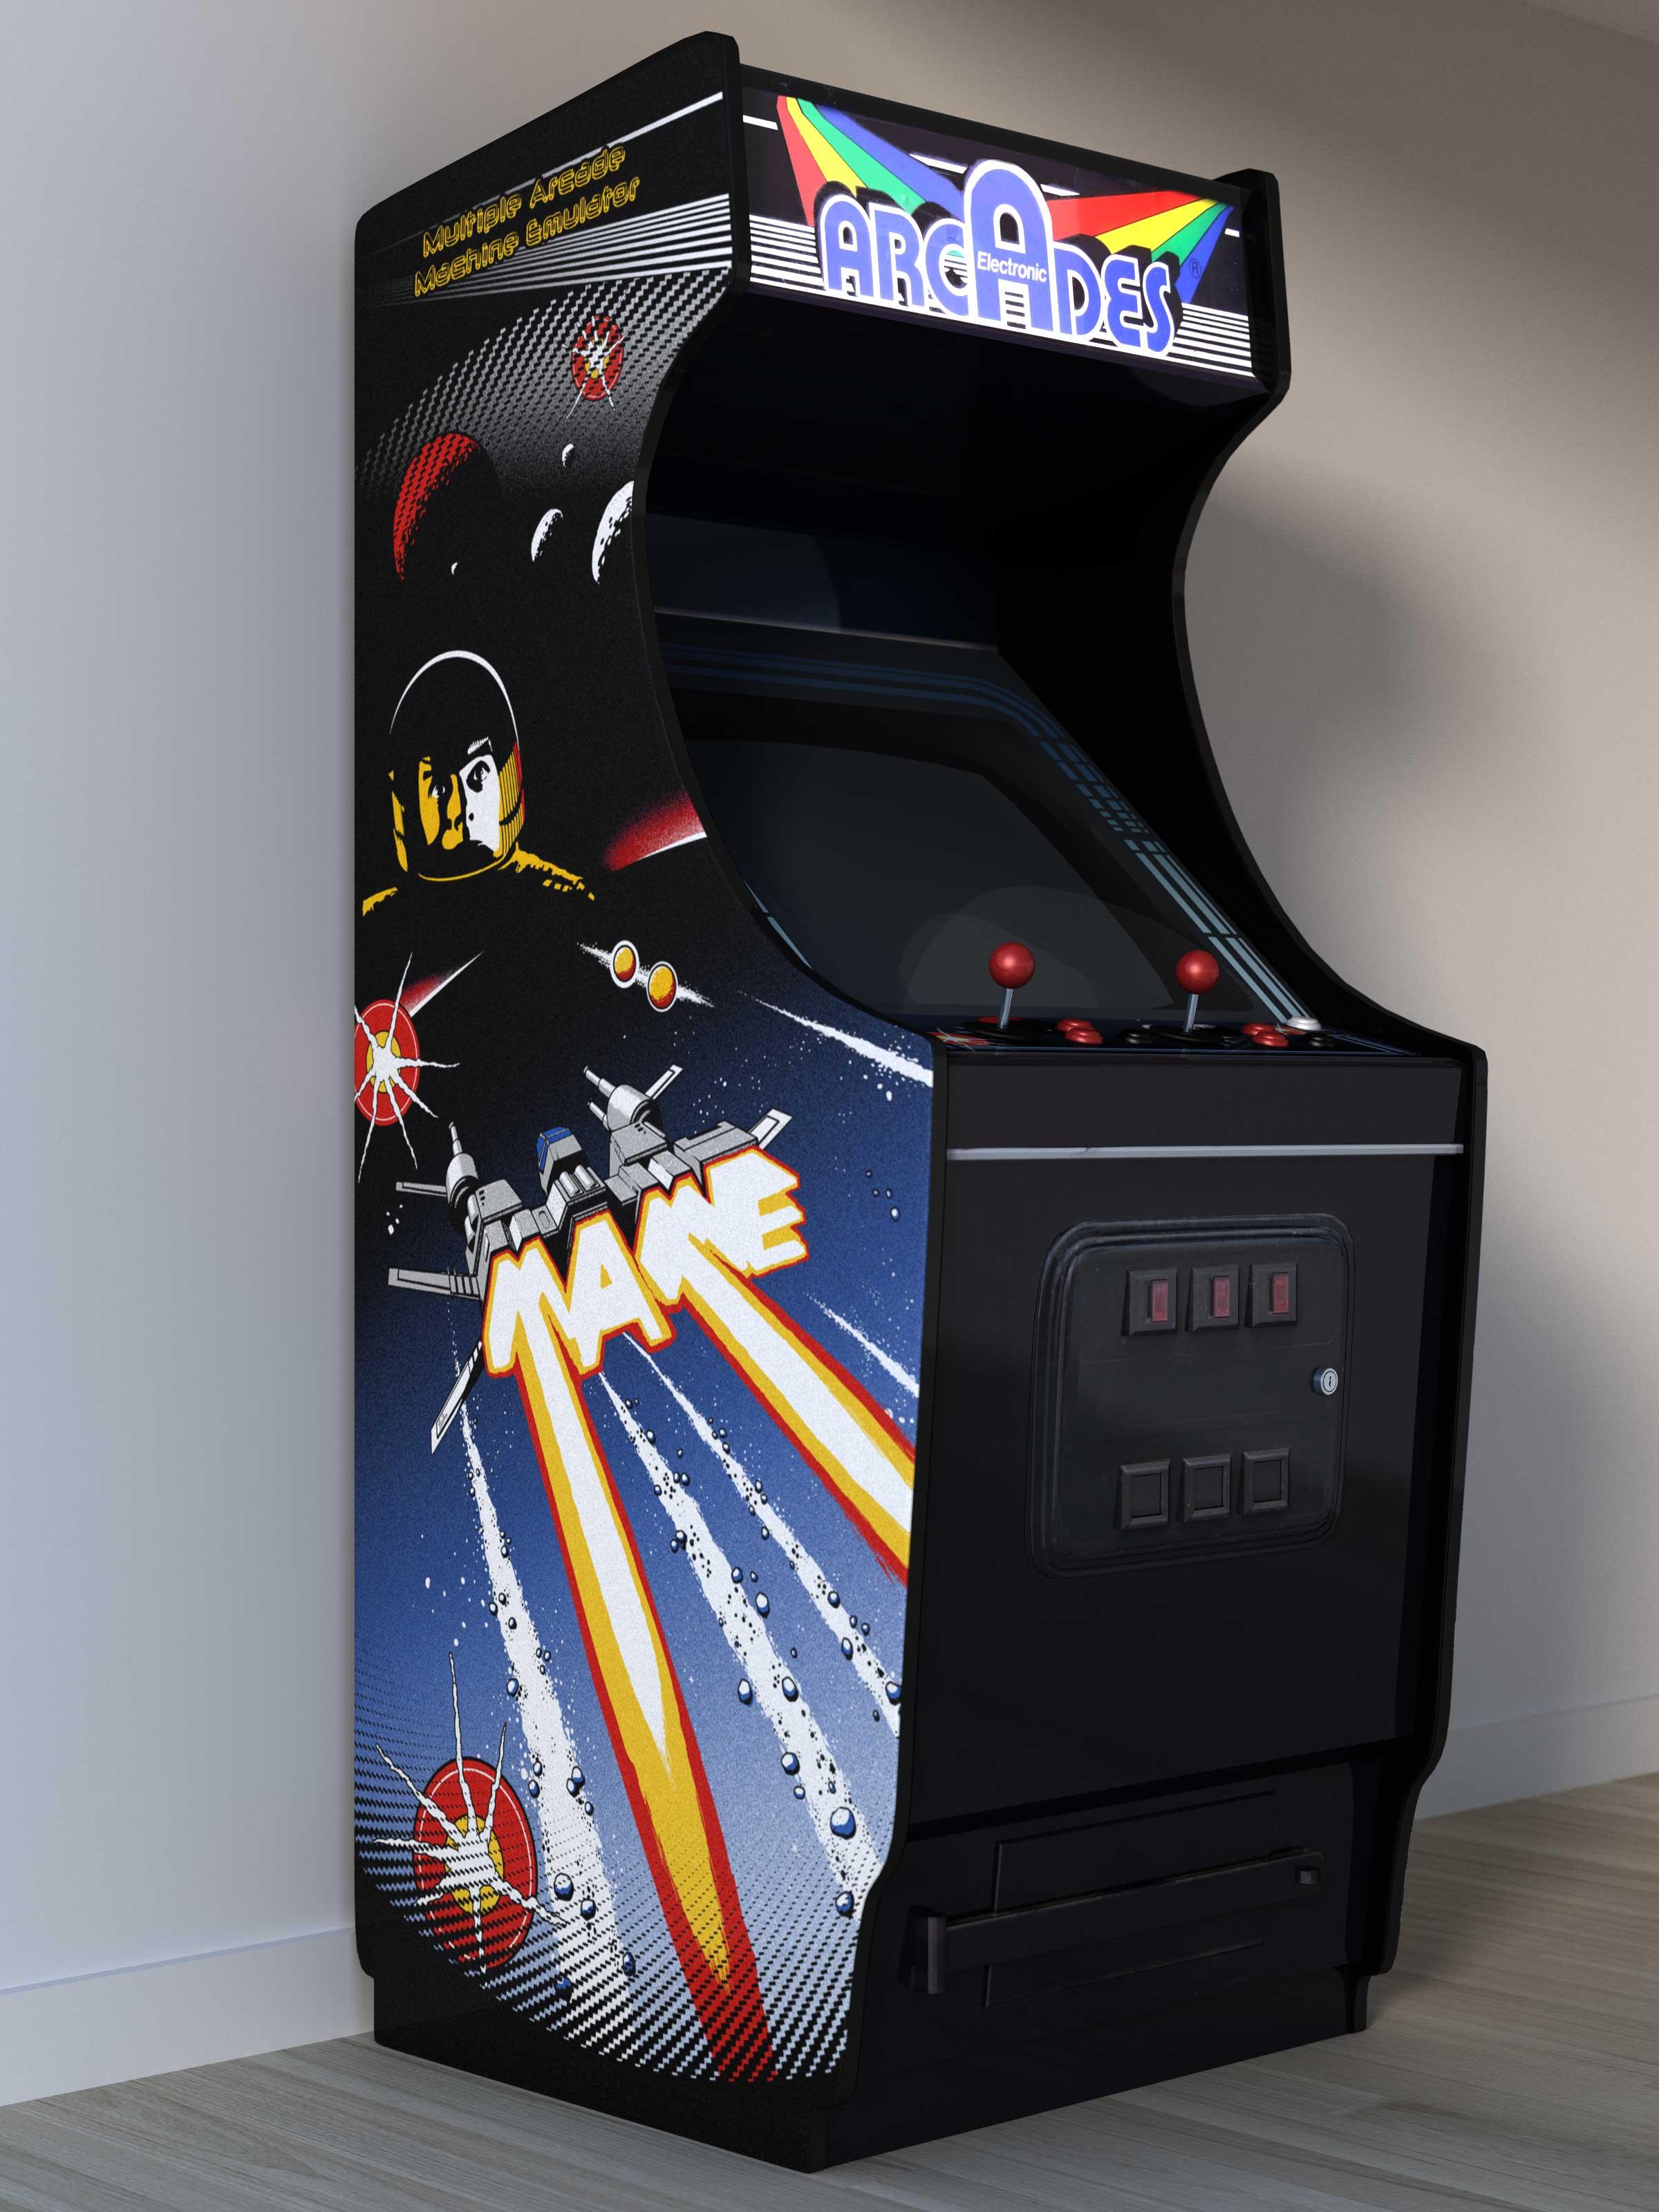 borne arcade euro upright